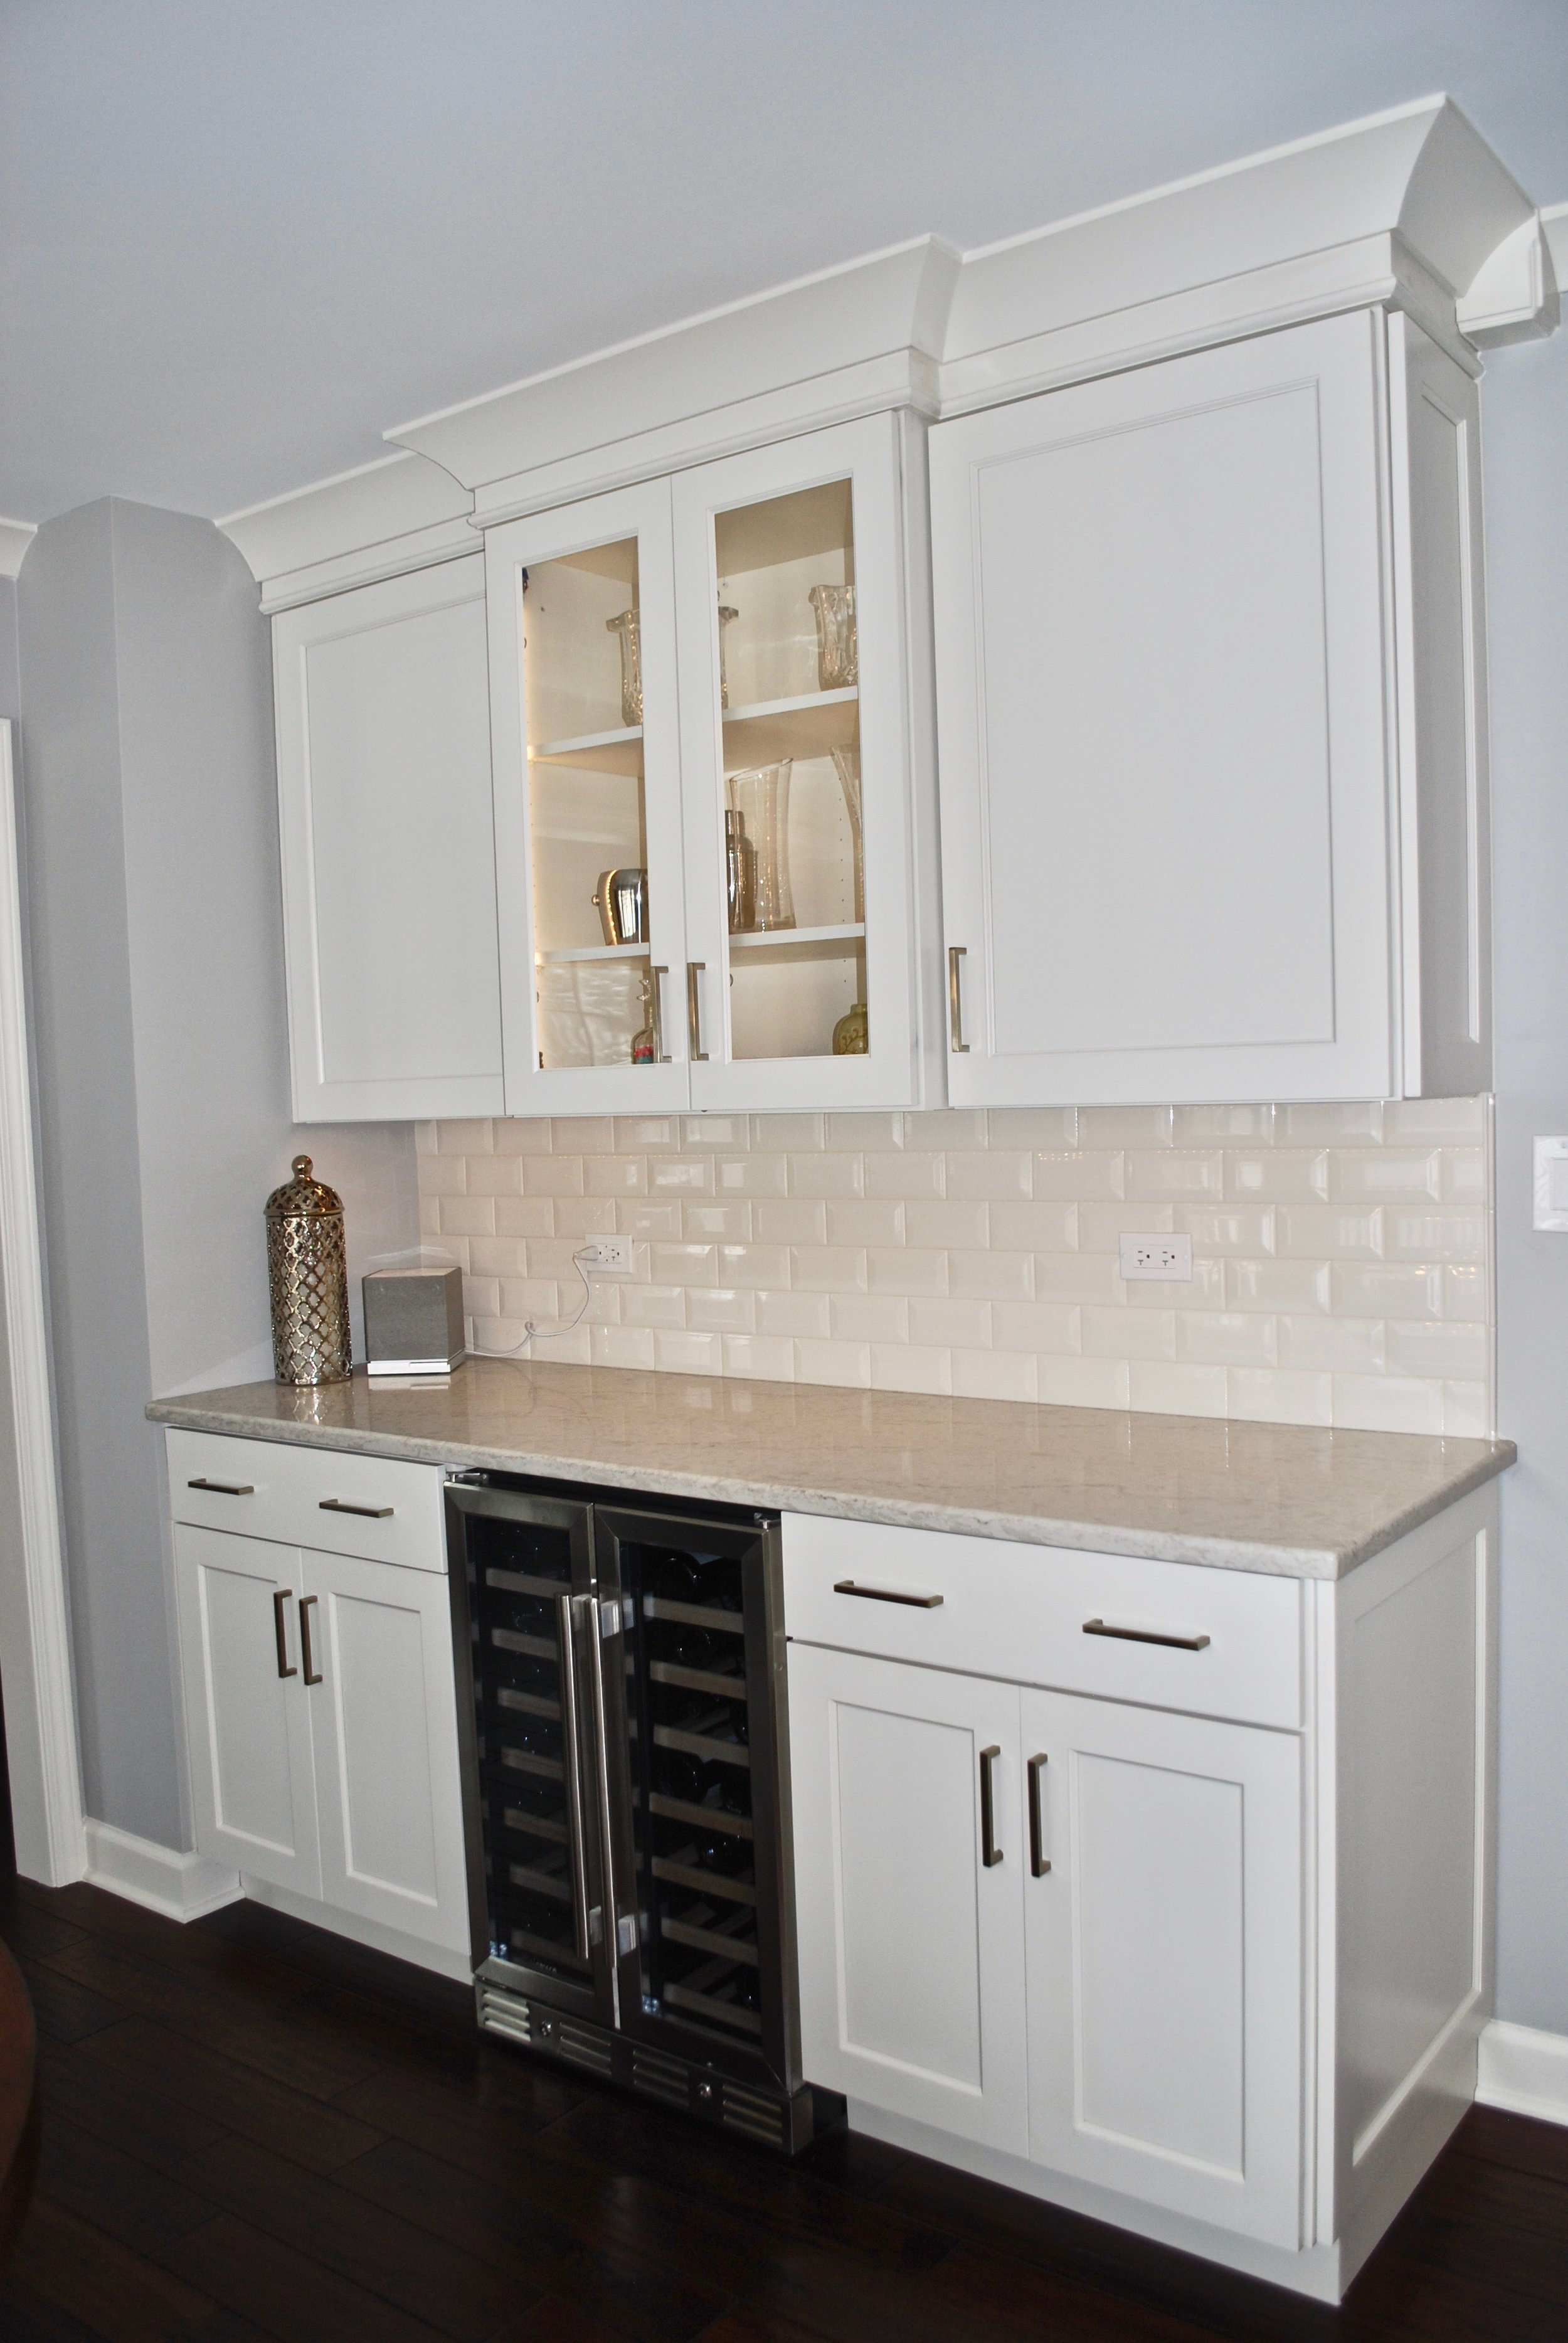 WINE BAR WITH DOUBLE DOOR WINE FRIDGE- IN NAPERVILLE KITCHEN REMODEL